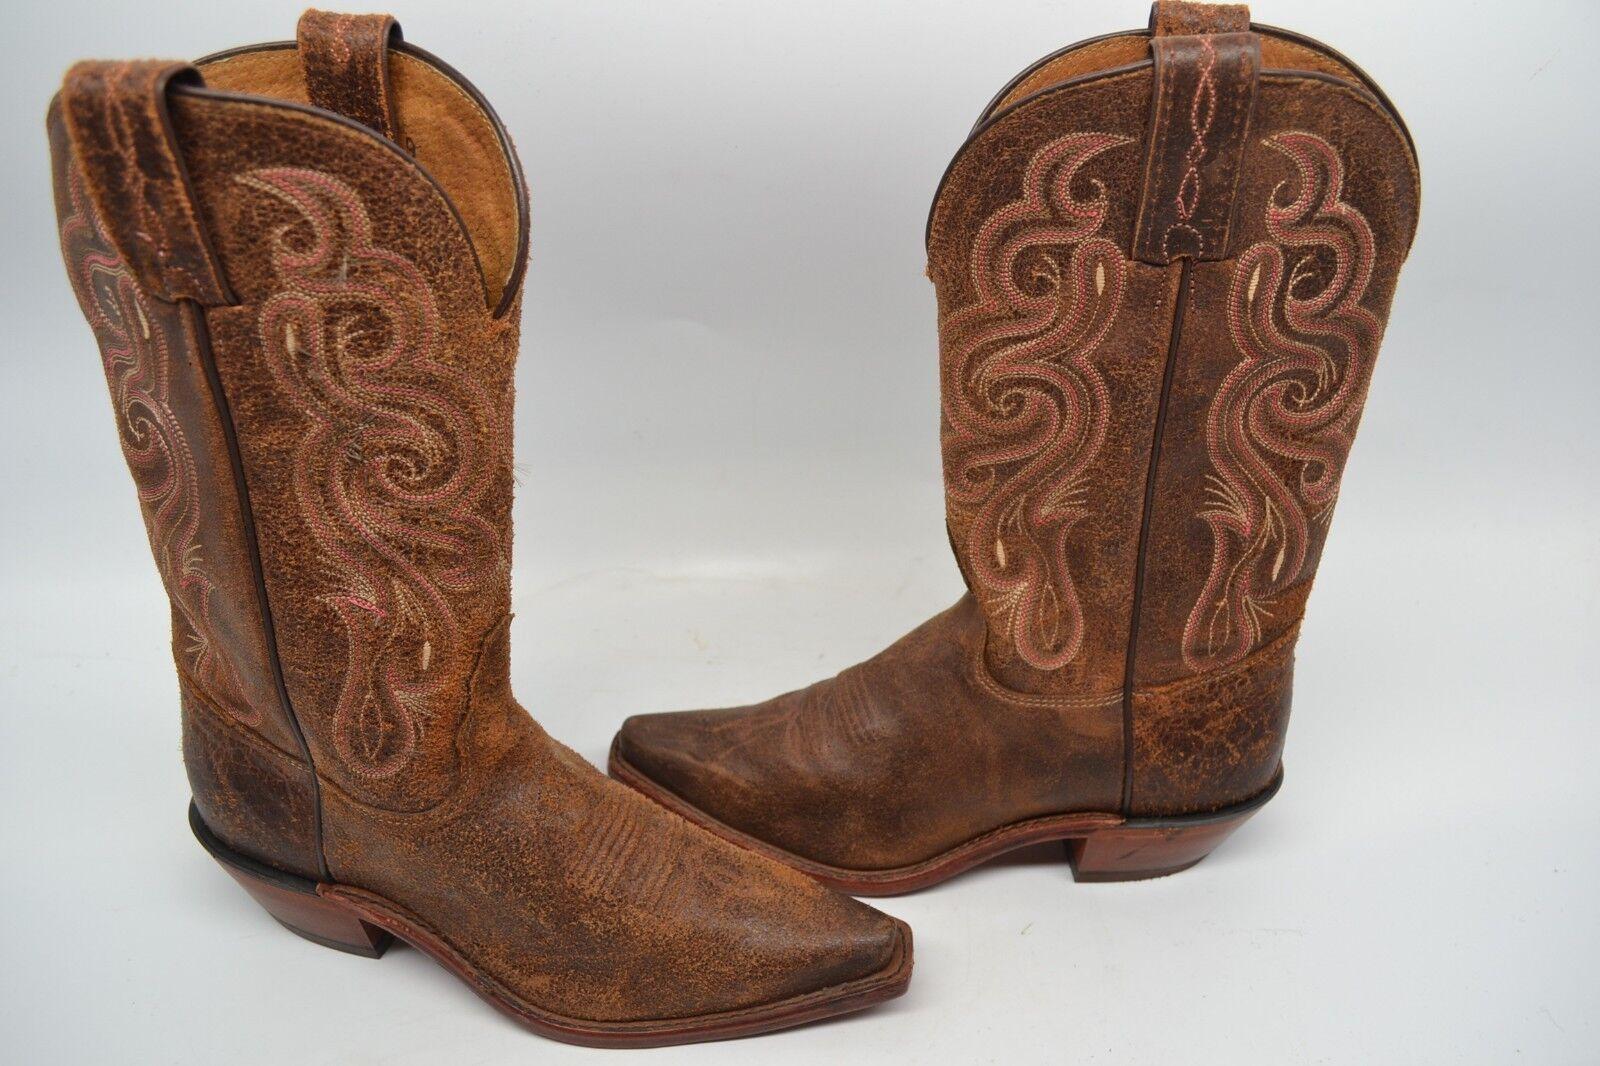 Garanzia del prezzo al 100% TONY LAMA donna 6 B Americana  Navajo Marrone Marrone Marrone Leather Western avvio SNIP TOE 7908L  vendite online